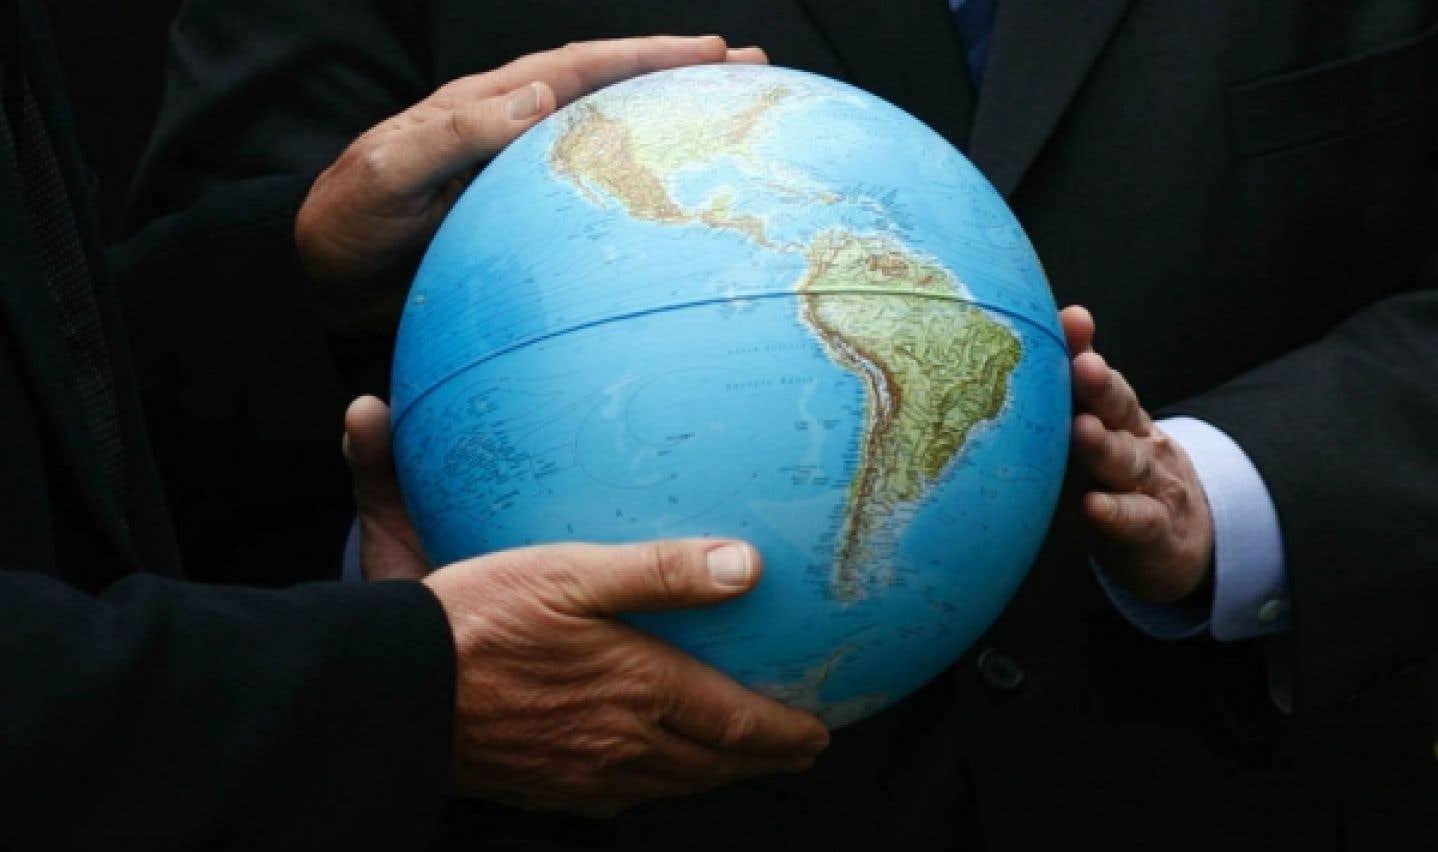 Droits de la personne - Tous les États soumis à un examen universel